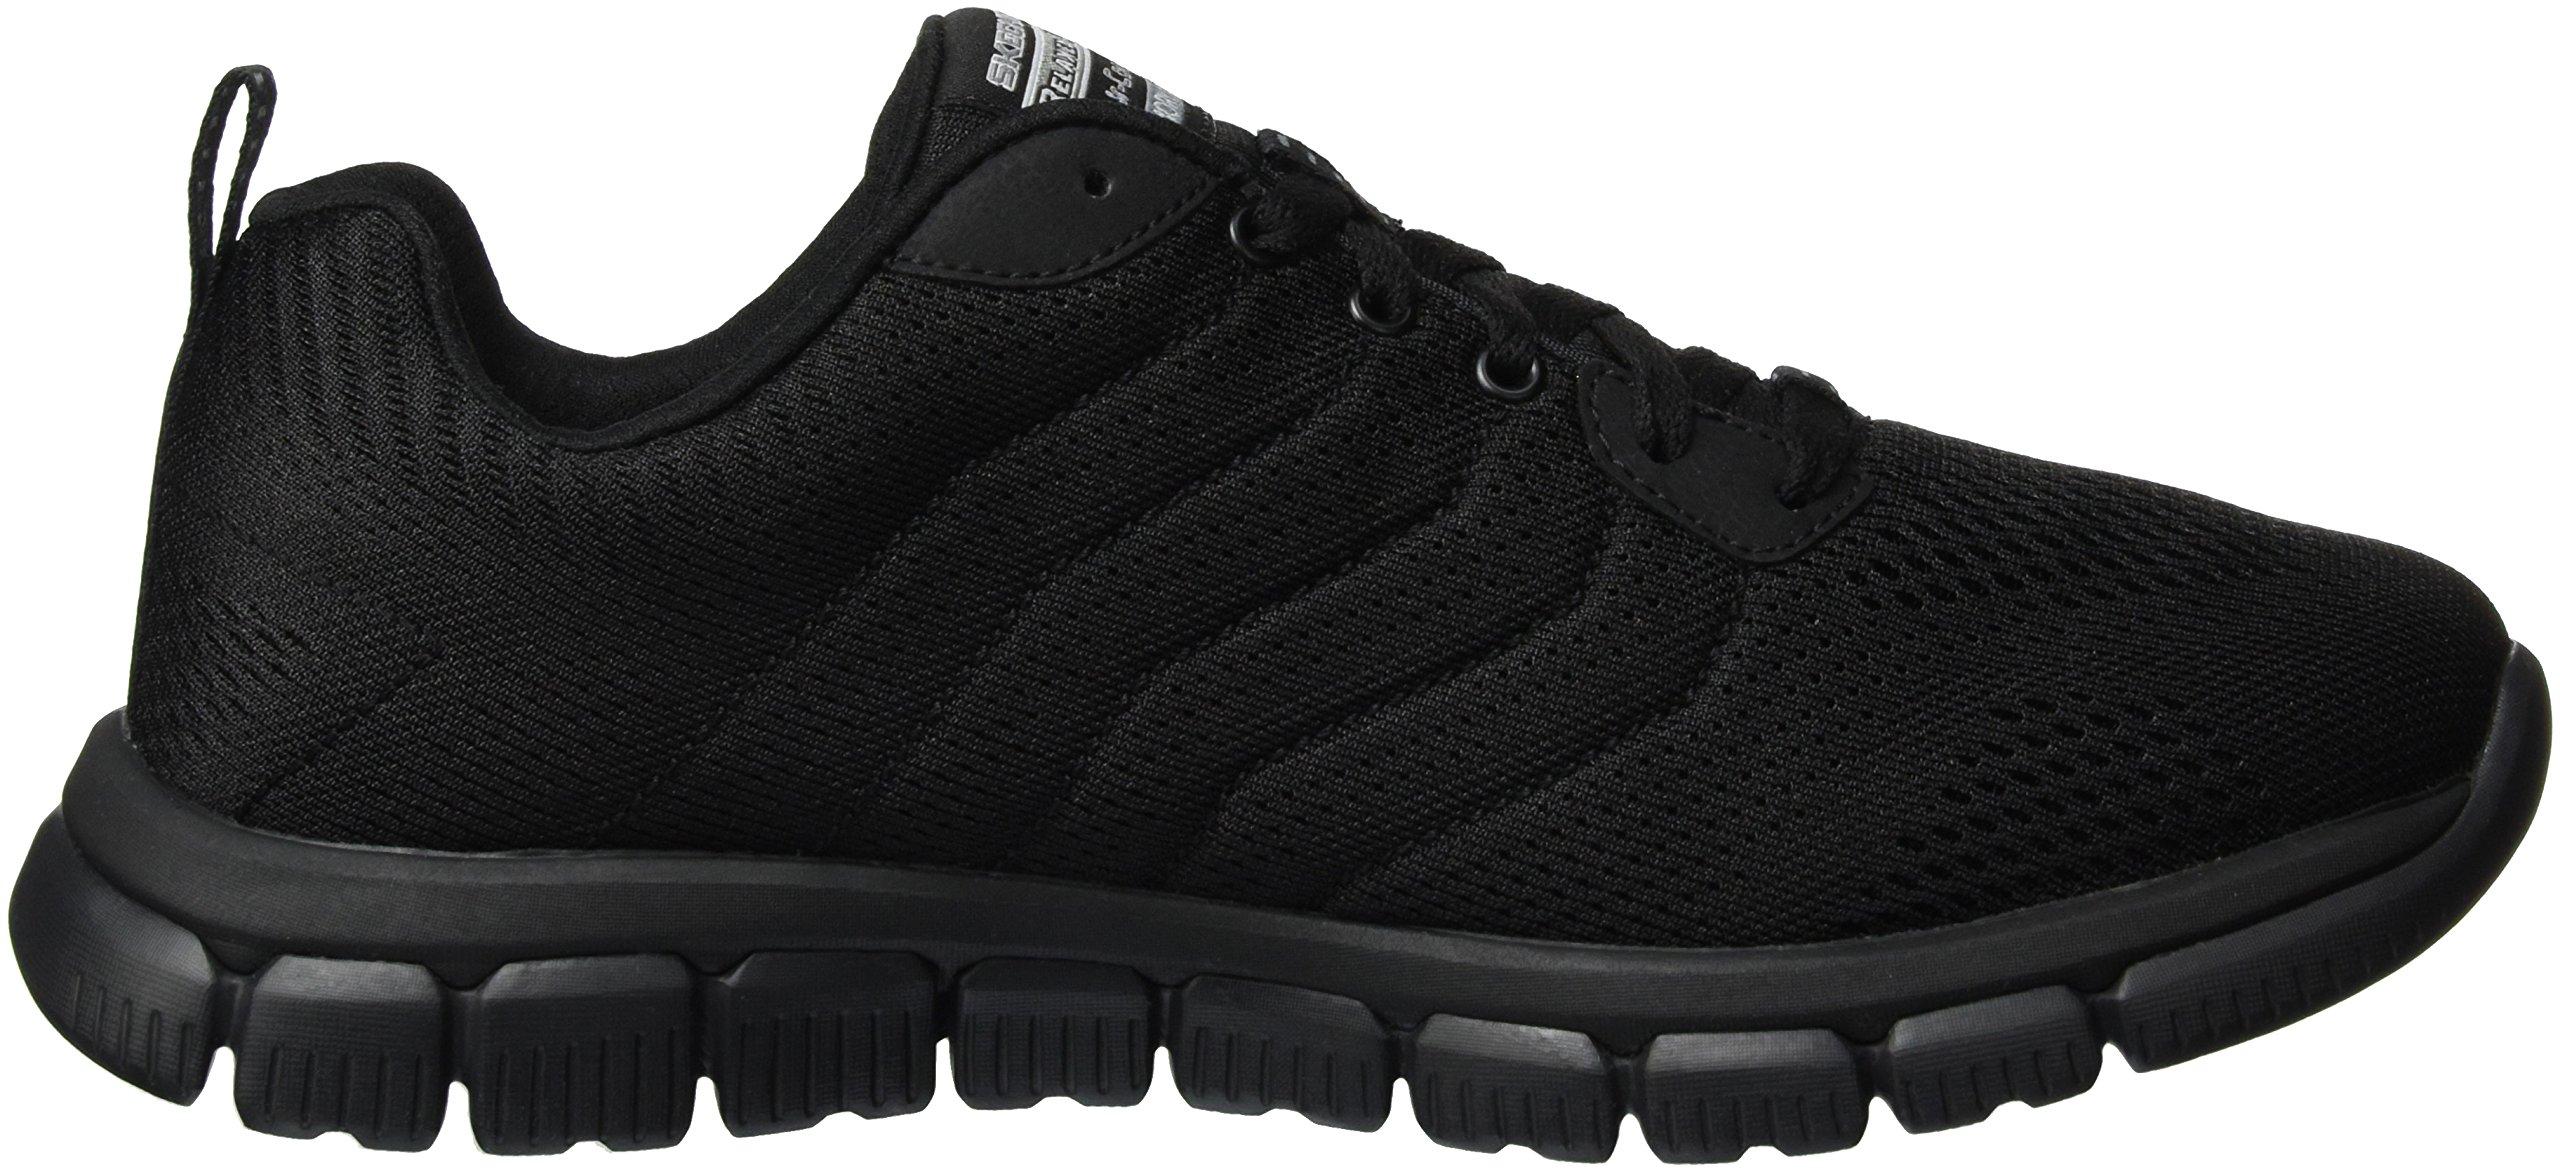 Skechers Sport Men's Skech Flex 2.0 Milwee Fashion Sneaker,Black,9 M US by Skechers (Image #6)